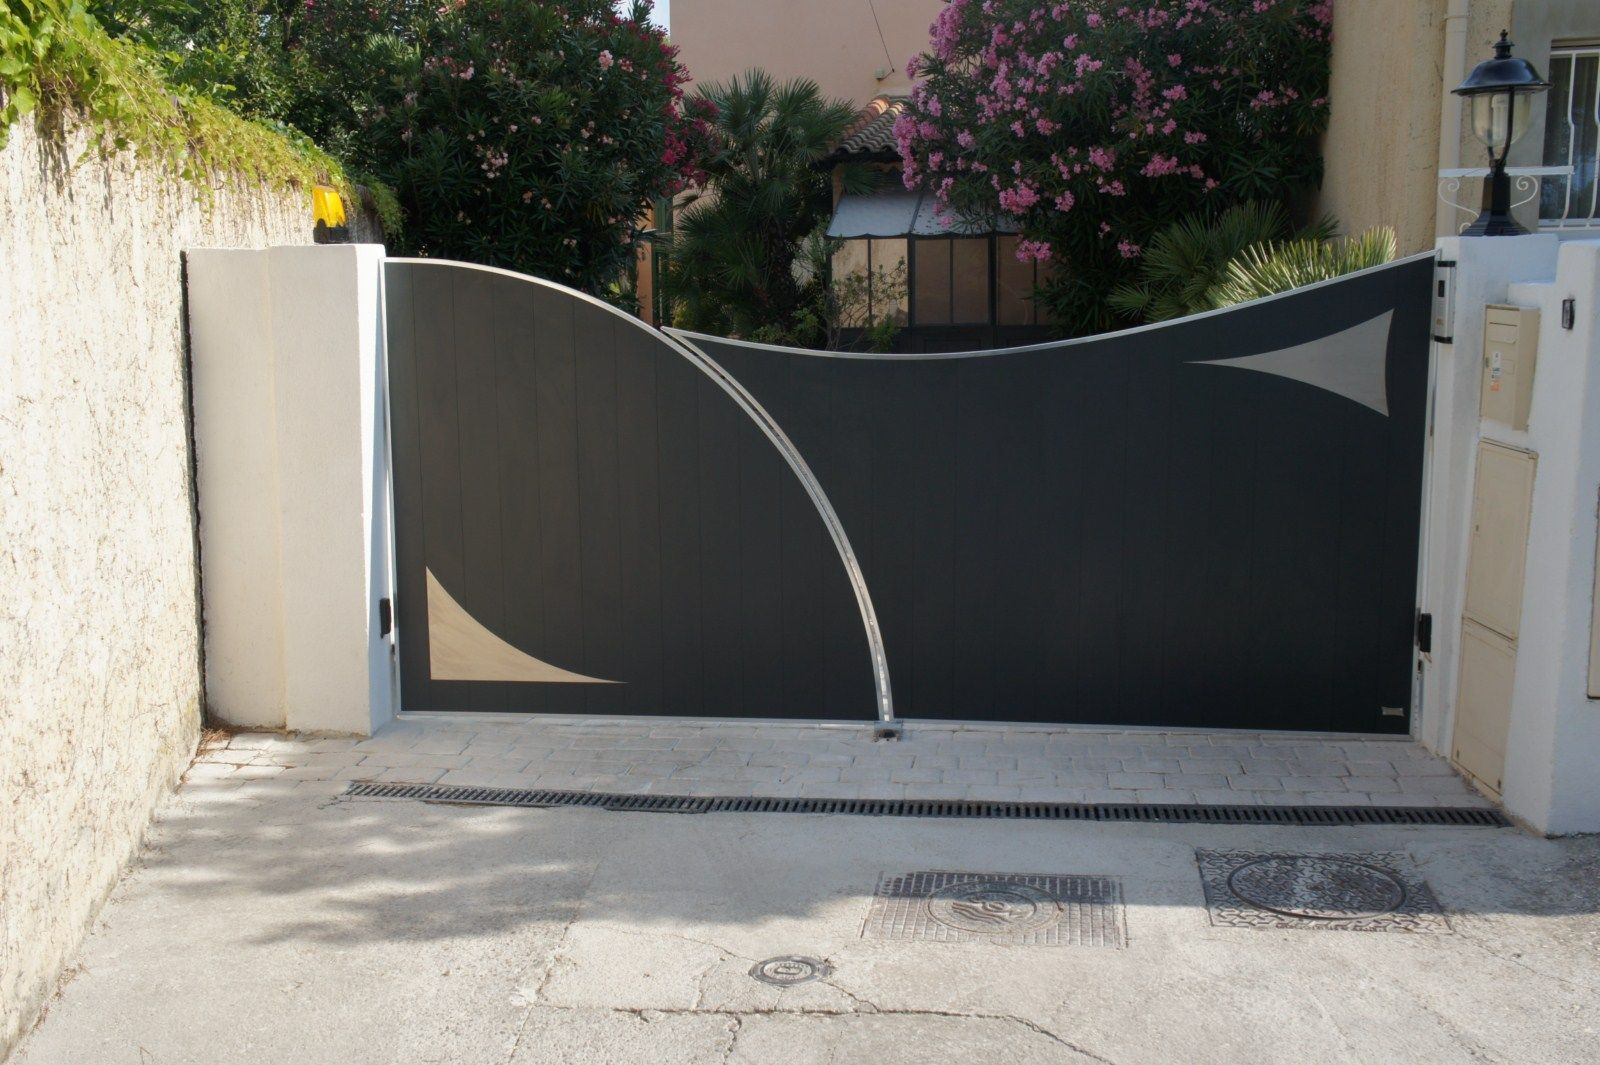 Resultat De Recherche D Images Pour Portail Coulissant Moderne Front Gate Design House Gate Design Gate Design